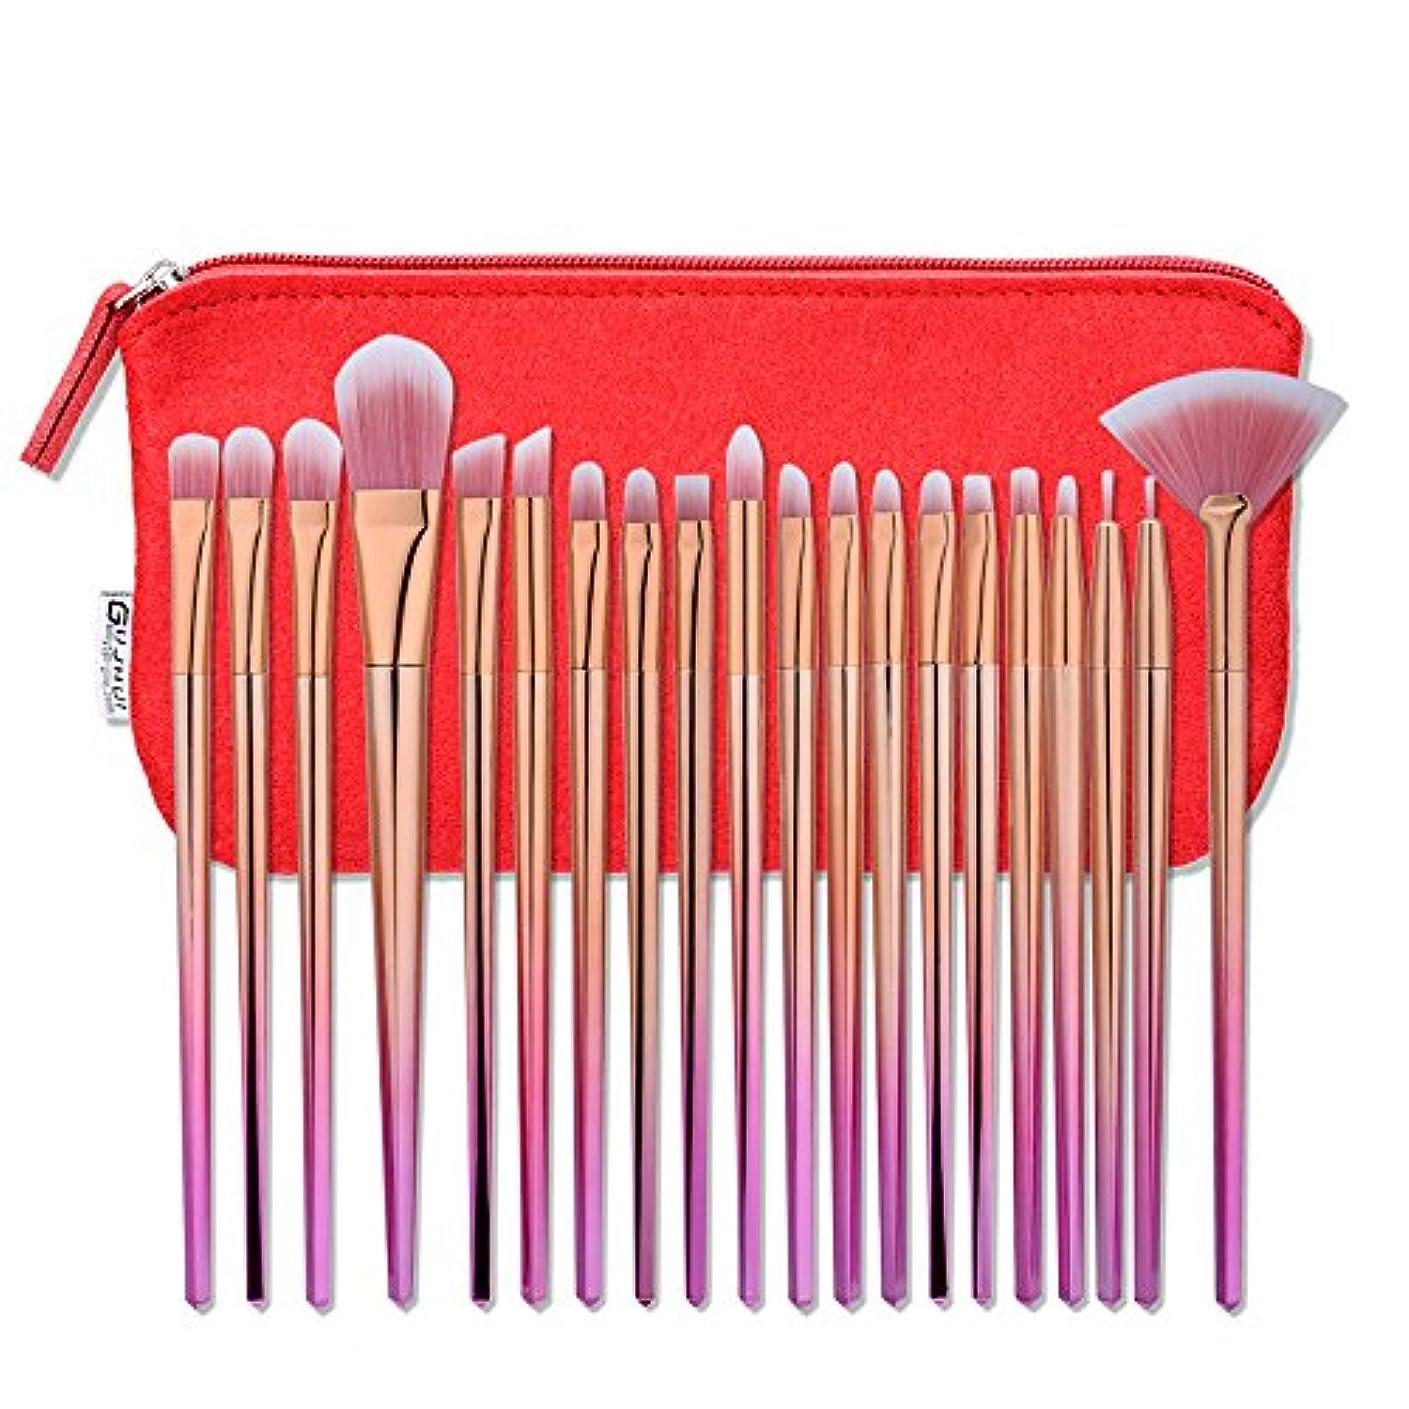 リアル立場守るAkane 20本 GUJHUI 超綺麗 魅力的 ピンクゴールド セート 多機能 高級 柔らかい レッドポーチ付き たっぷり 上等 激安 日常 仕事 おしゃれ Makeup Brush メイクアップブラシ 20-024